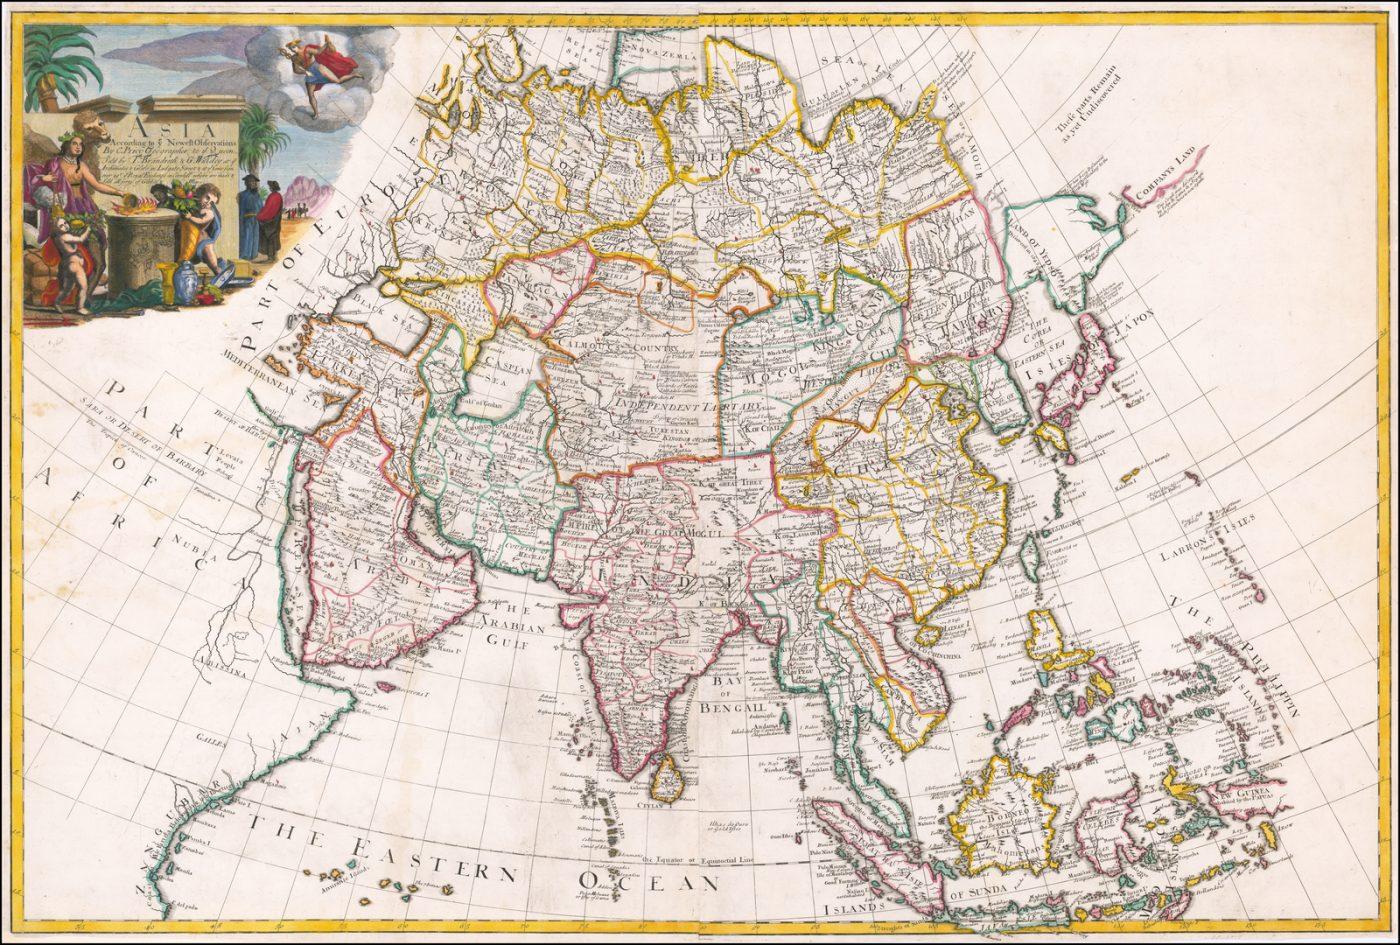 Редкая двухлистная карта Азии, первоначально гравированная Чарльзом Прайсом